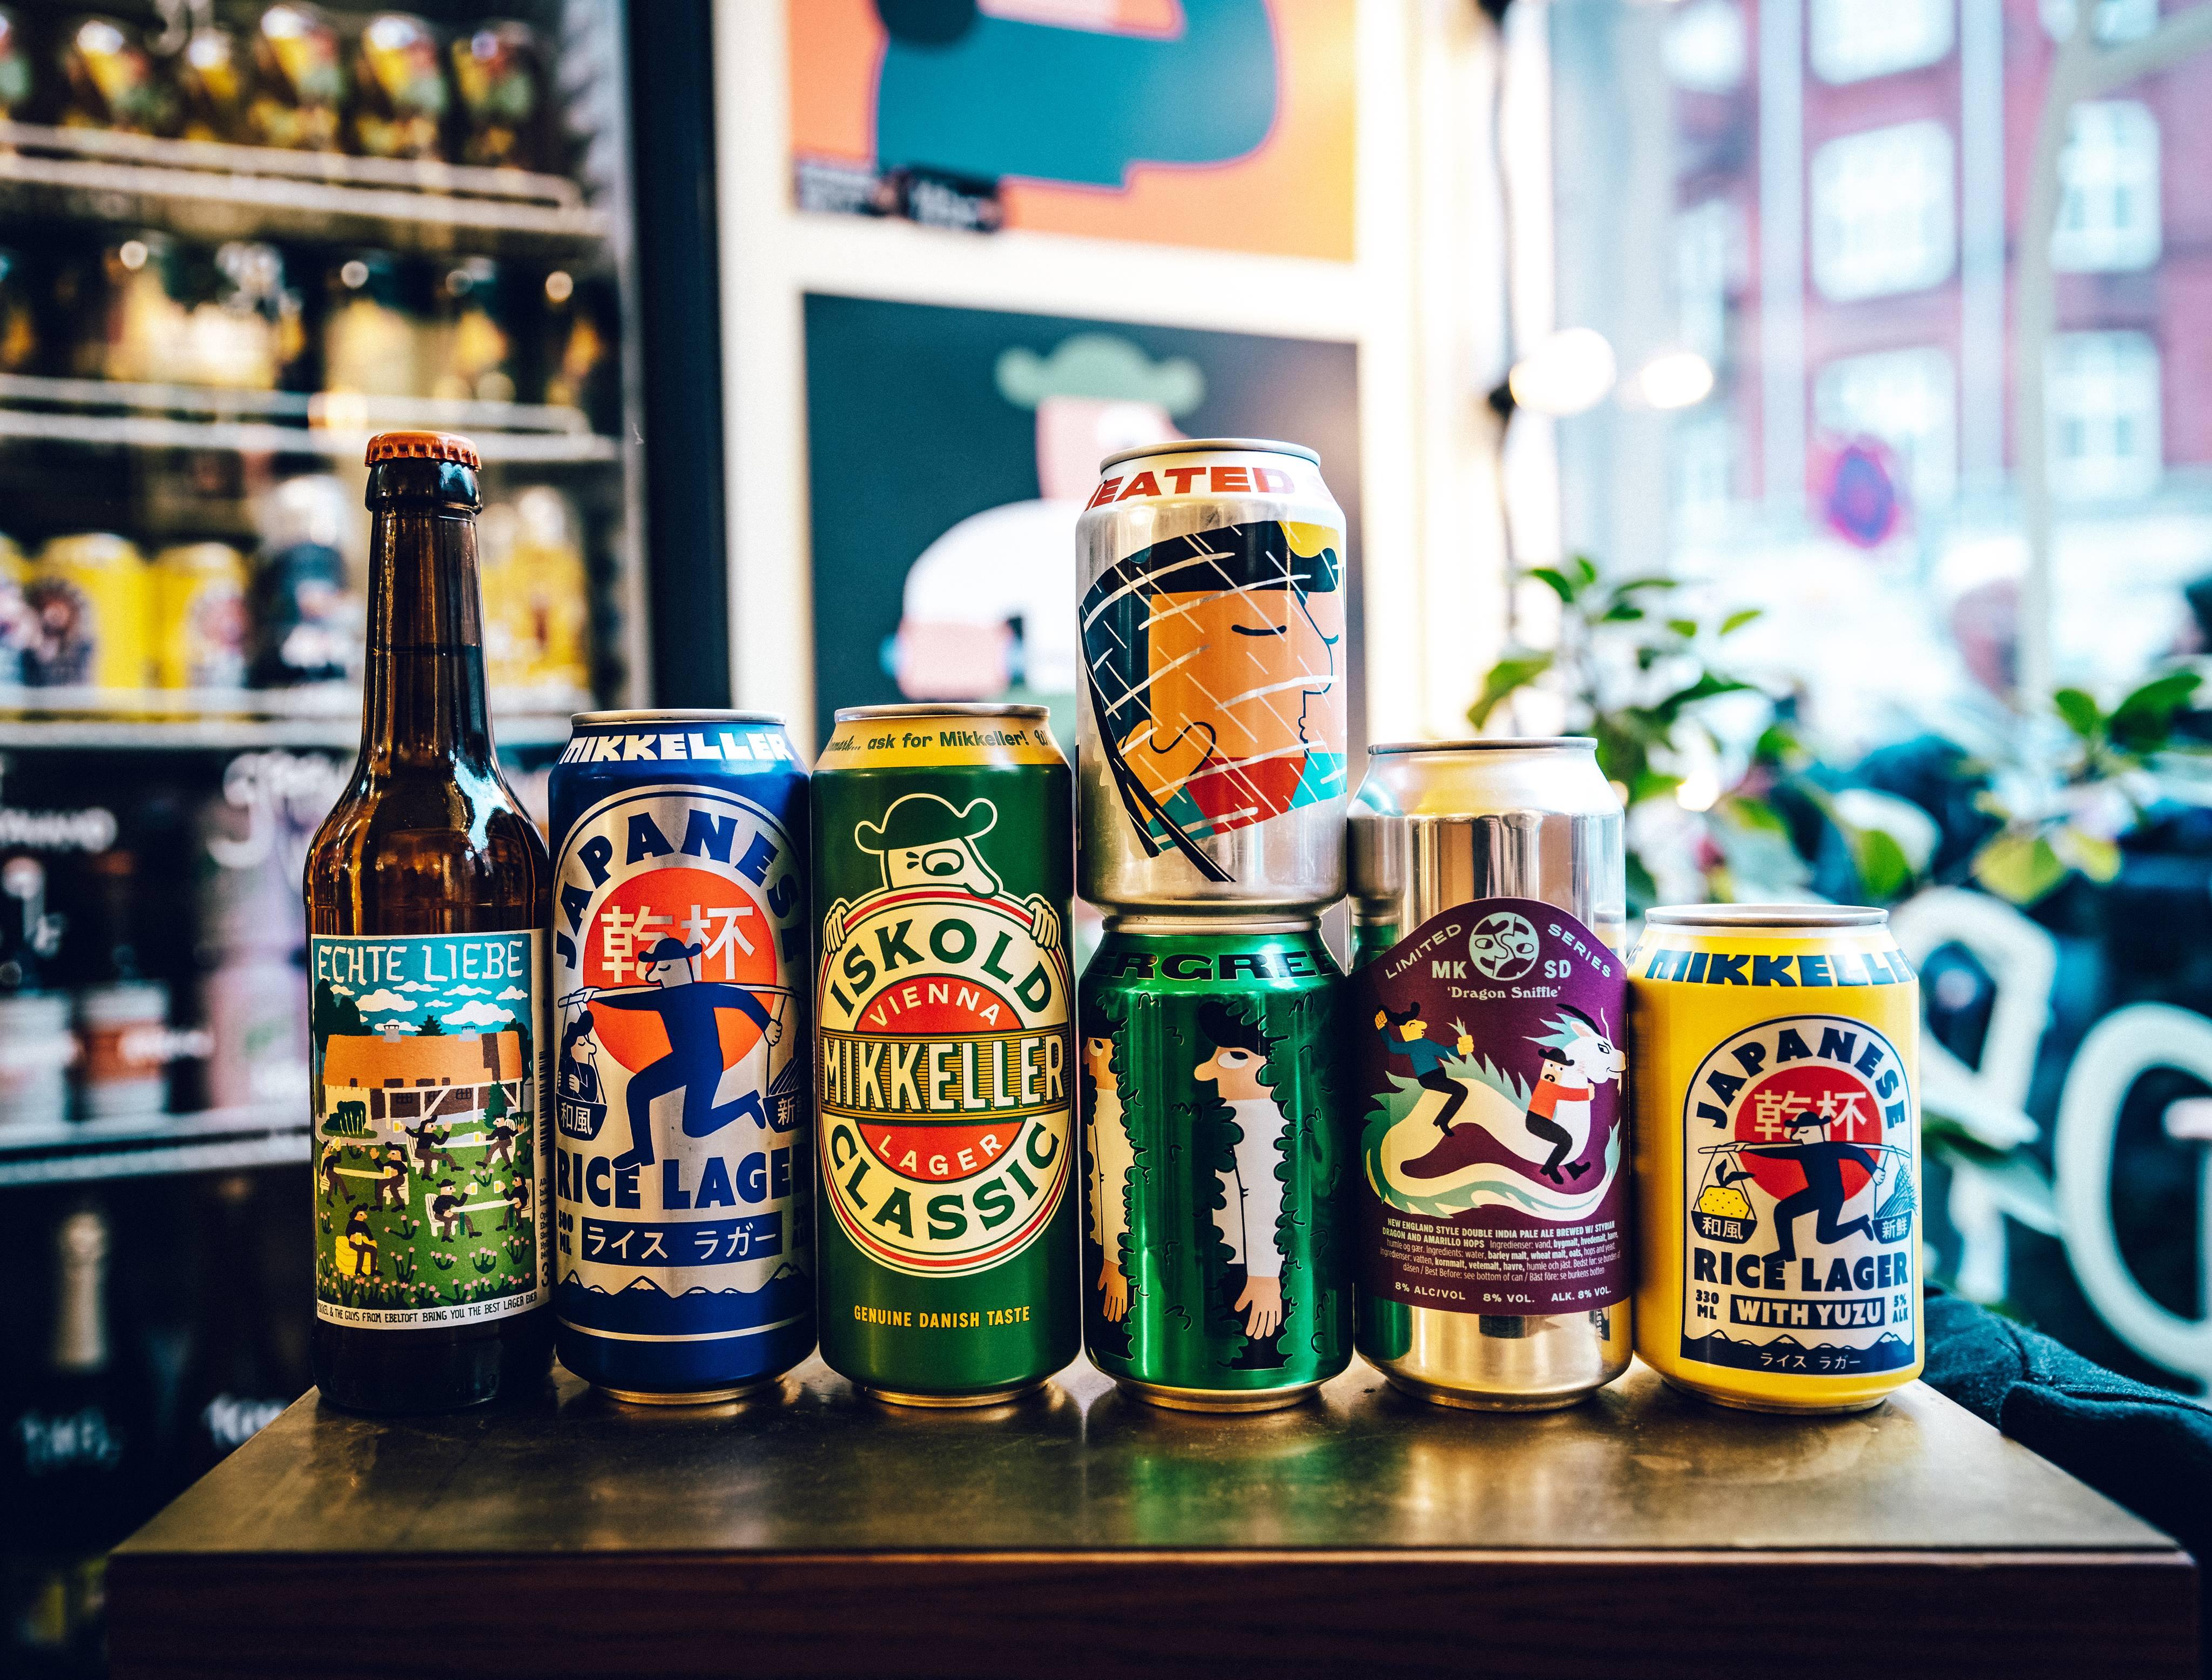 Mikkeller beerwalk Copenhagen